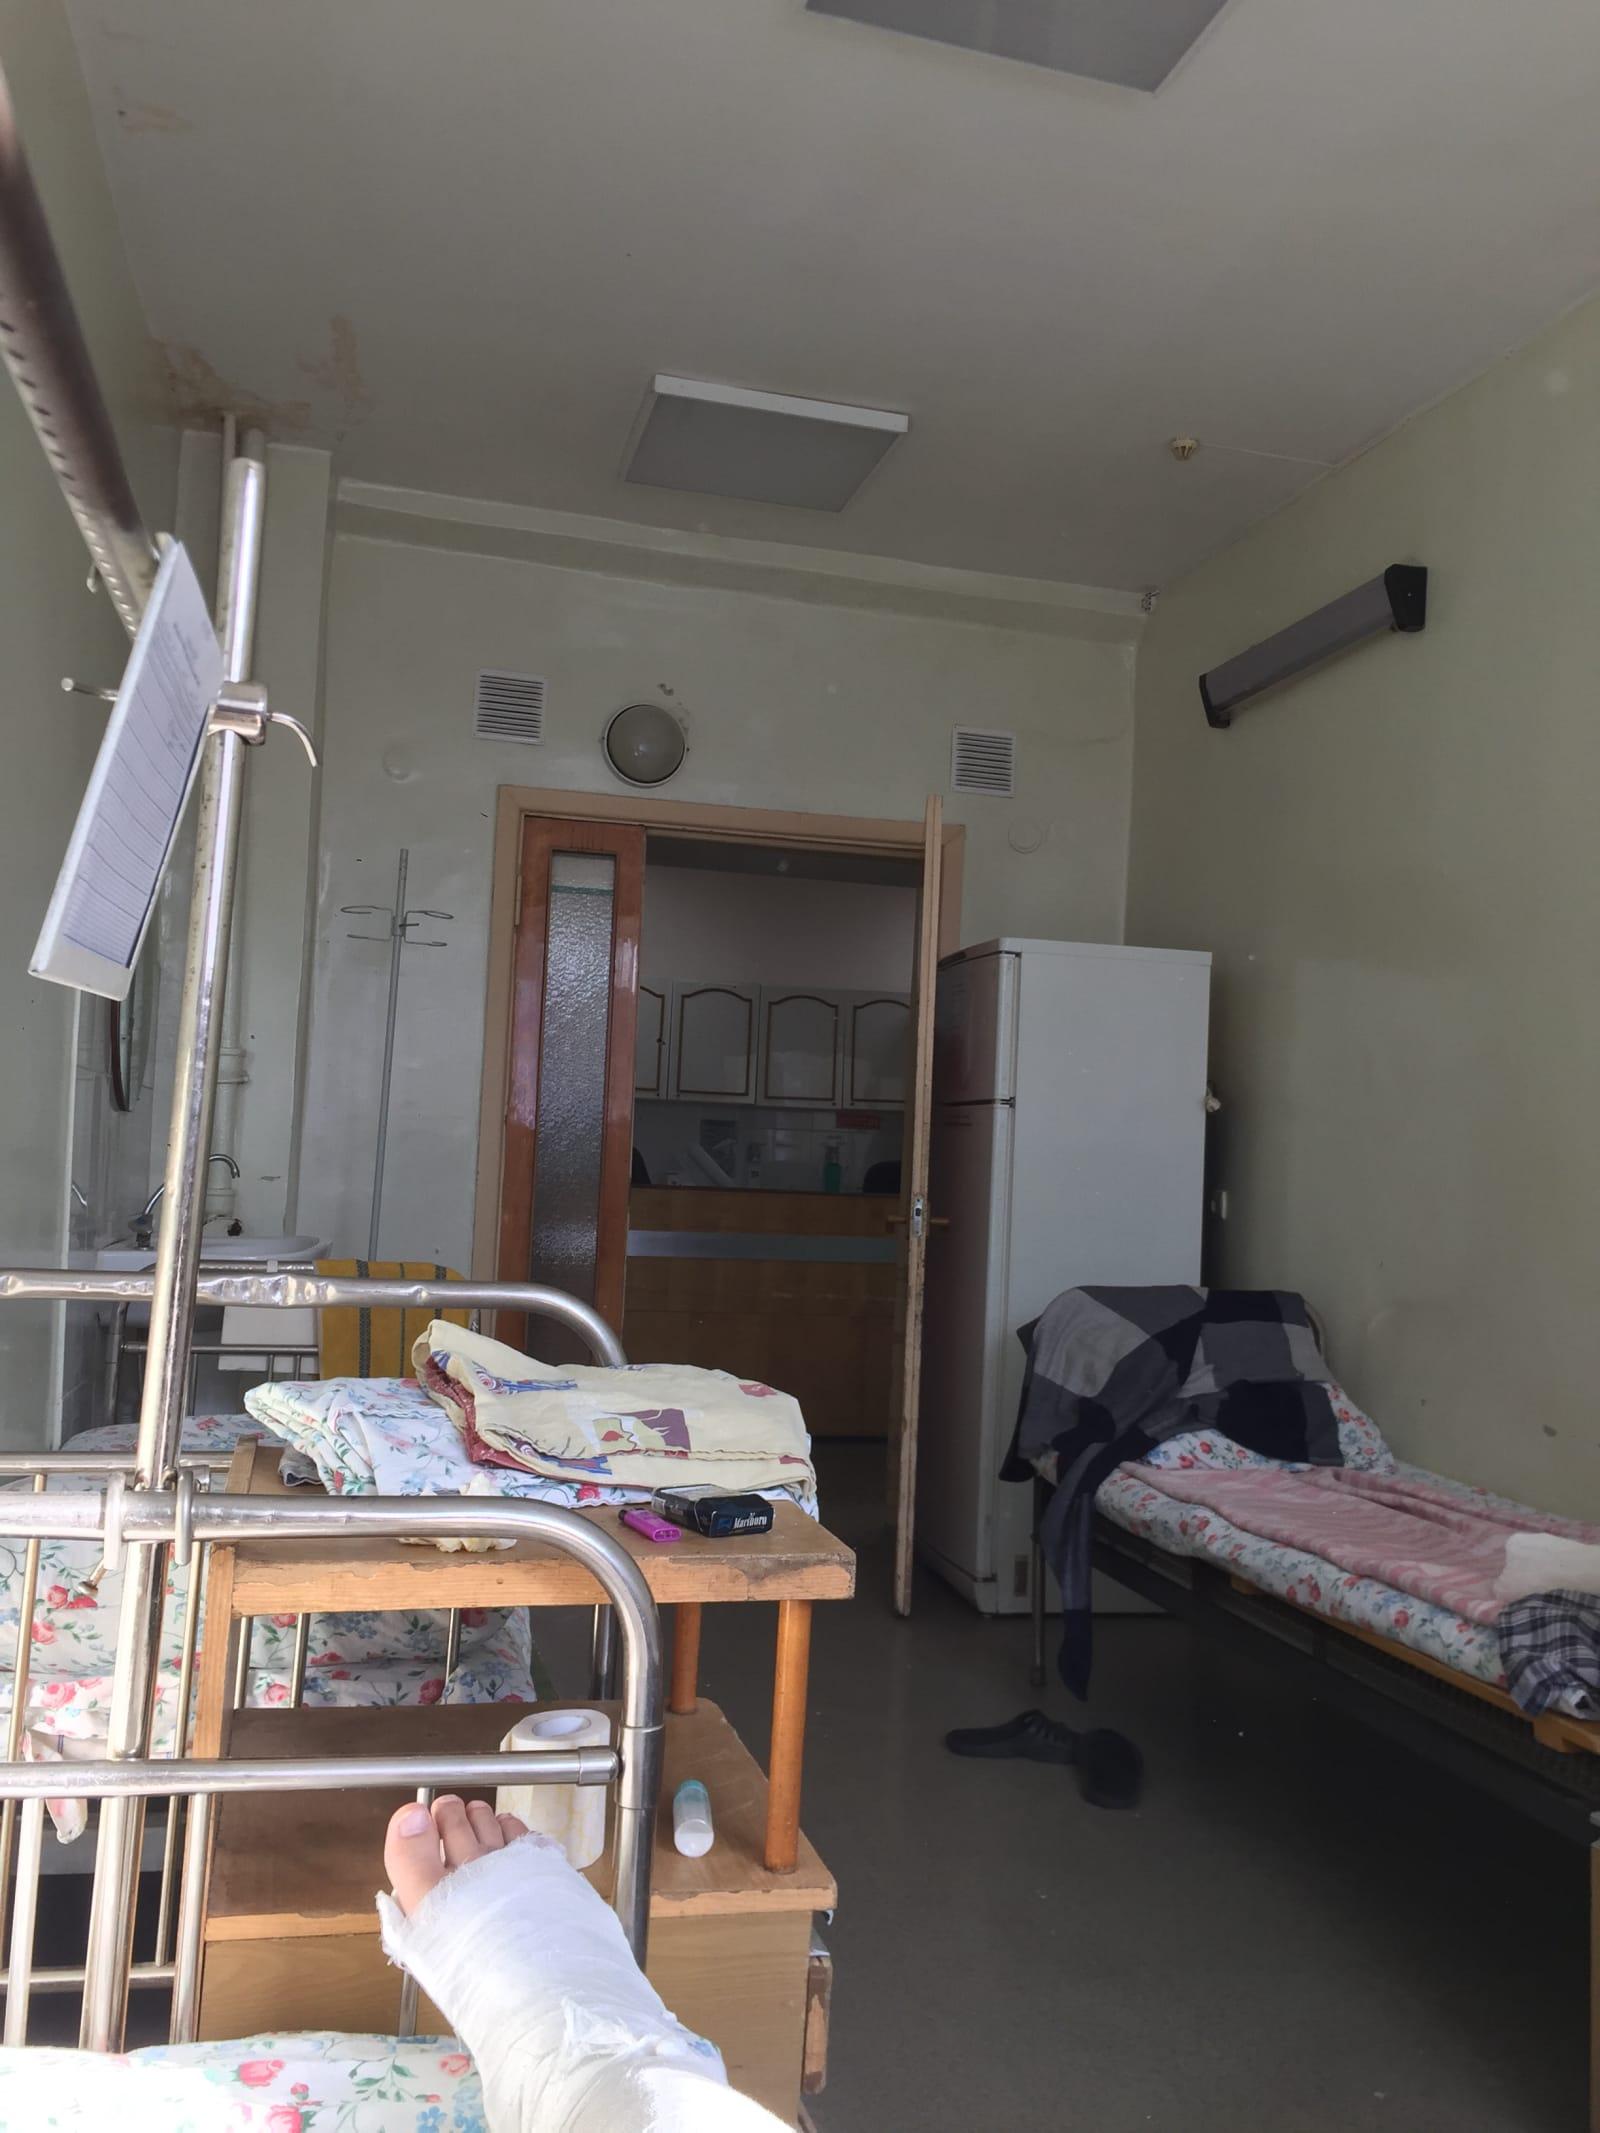 在俄罗斯看病是什么体验?体验俄罗斯公立医院医疗!插图4-小狮座俄罗斯留学